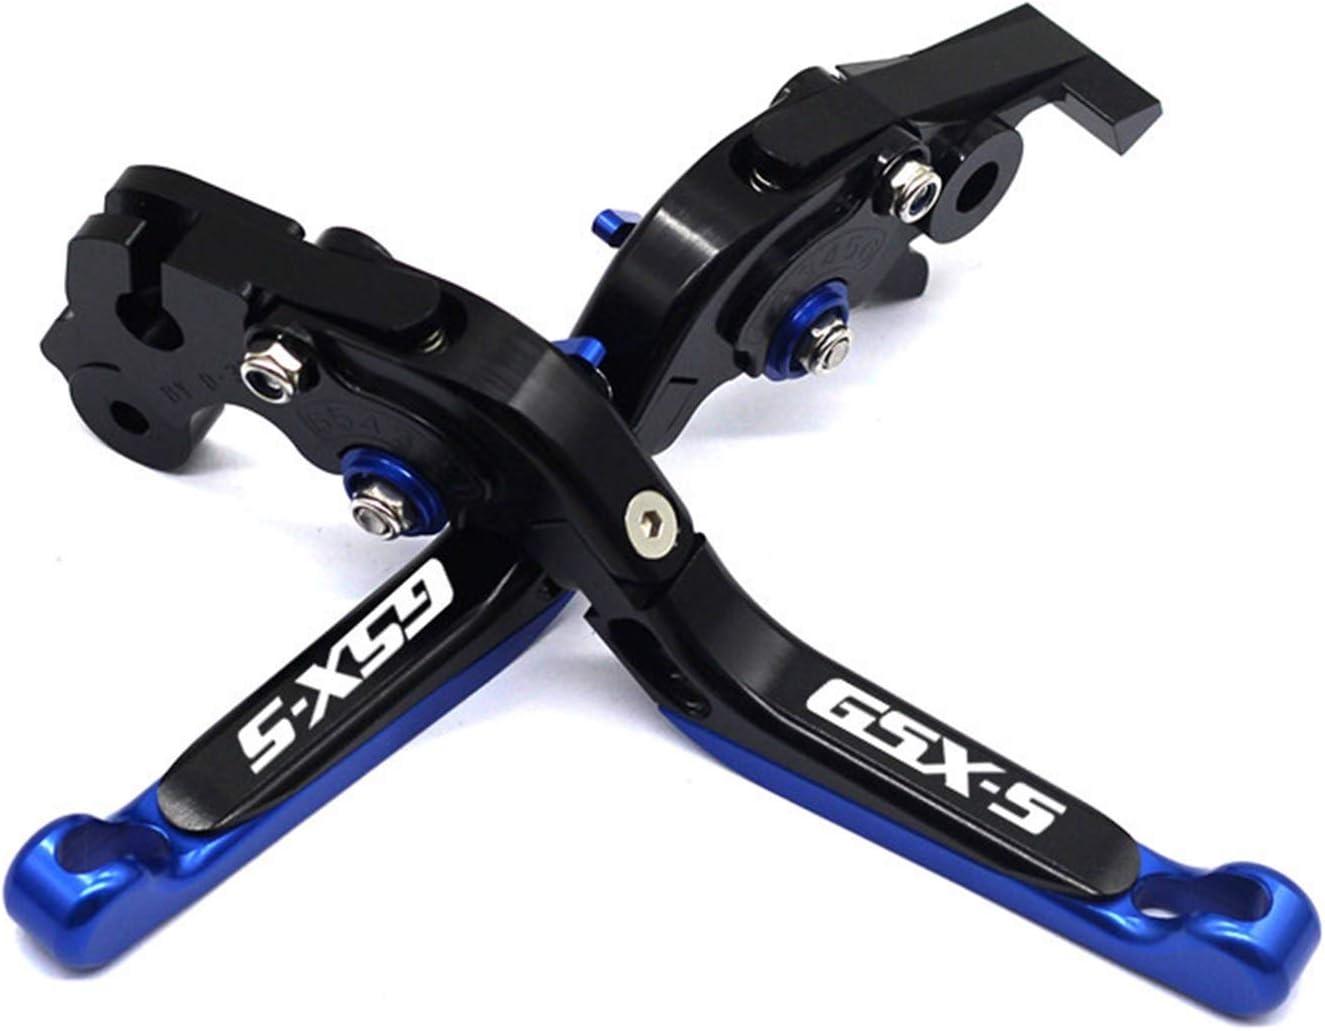 ABS GSX-S1000F GSXS1000 Bremshebel F/ür S/&uzuki GSX S1000 F//S//ABS 2015-2019 Klappbare Motorradbremse Kupplungshebel Bremskupplungshebel Farbe : 1